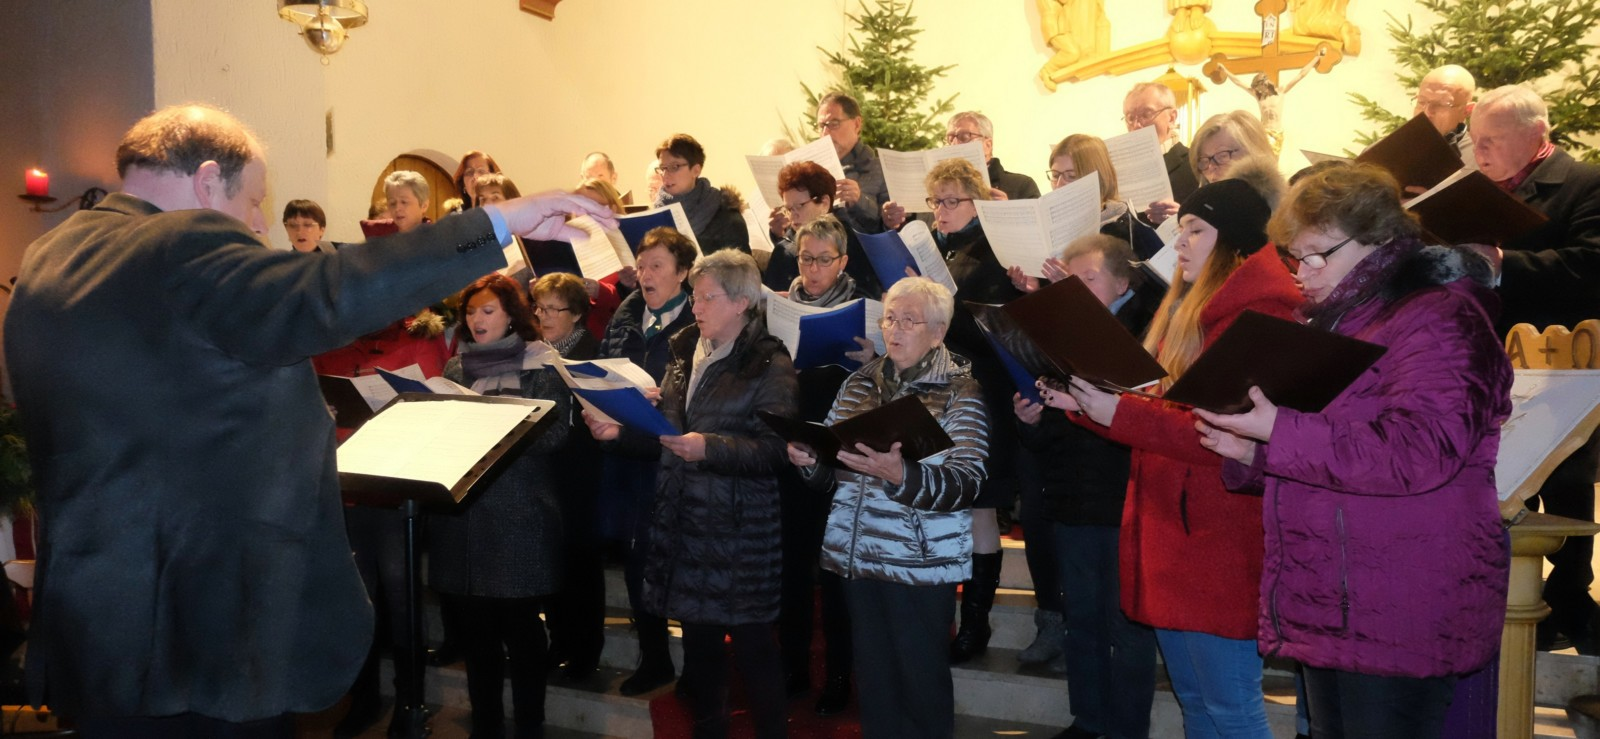 20181216-Weihnachtssingen der Chöre 2018 DSCF6630